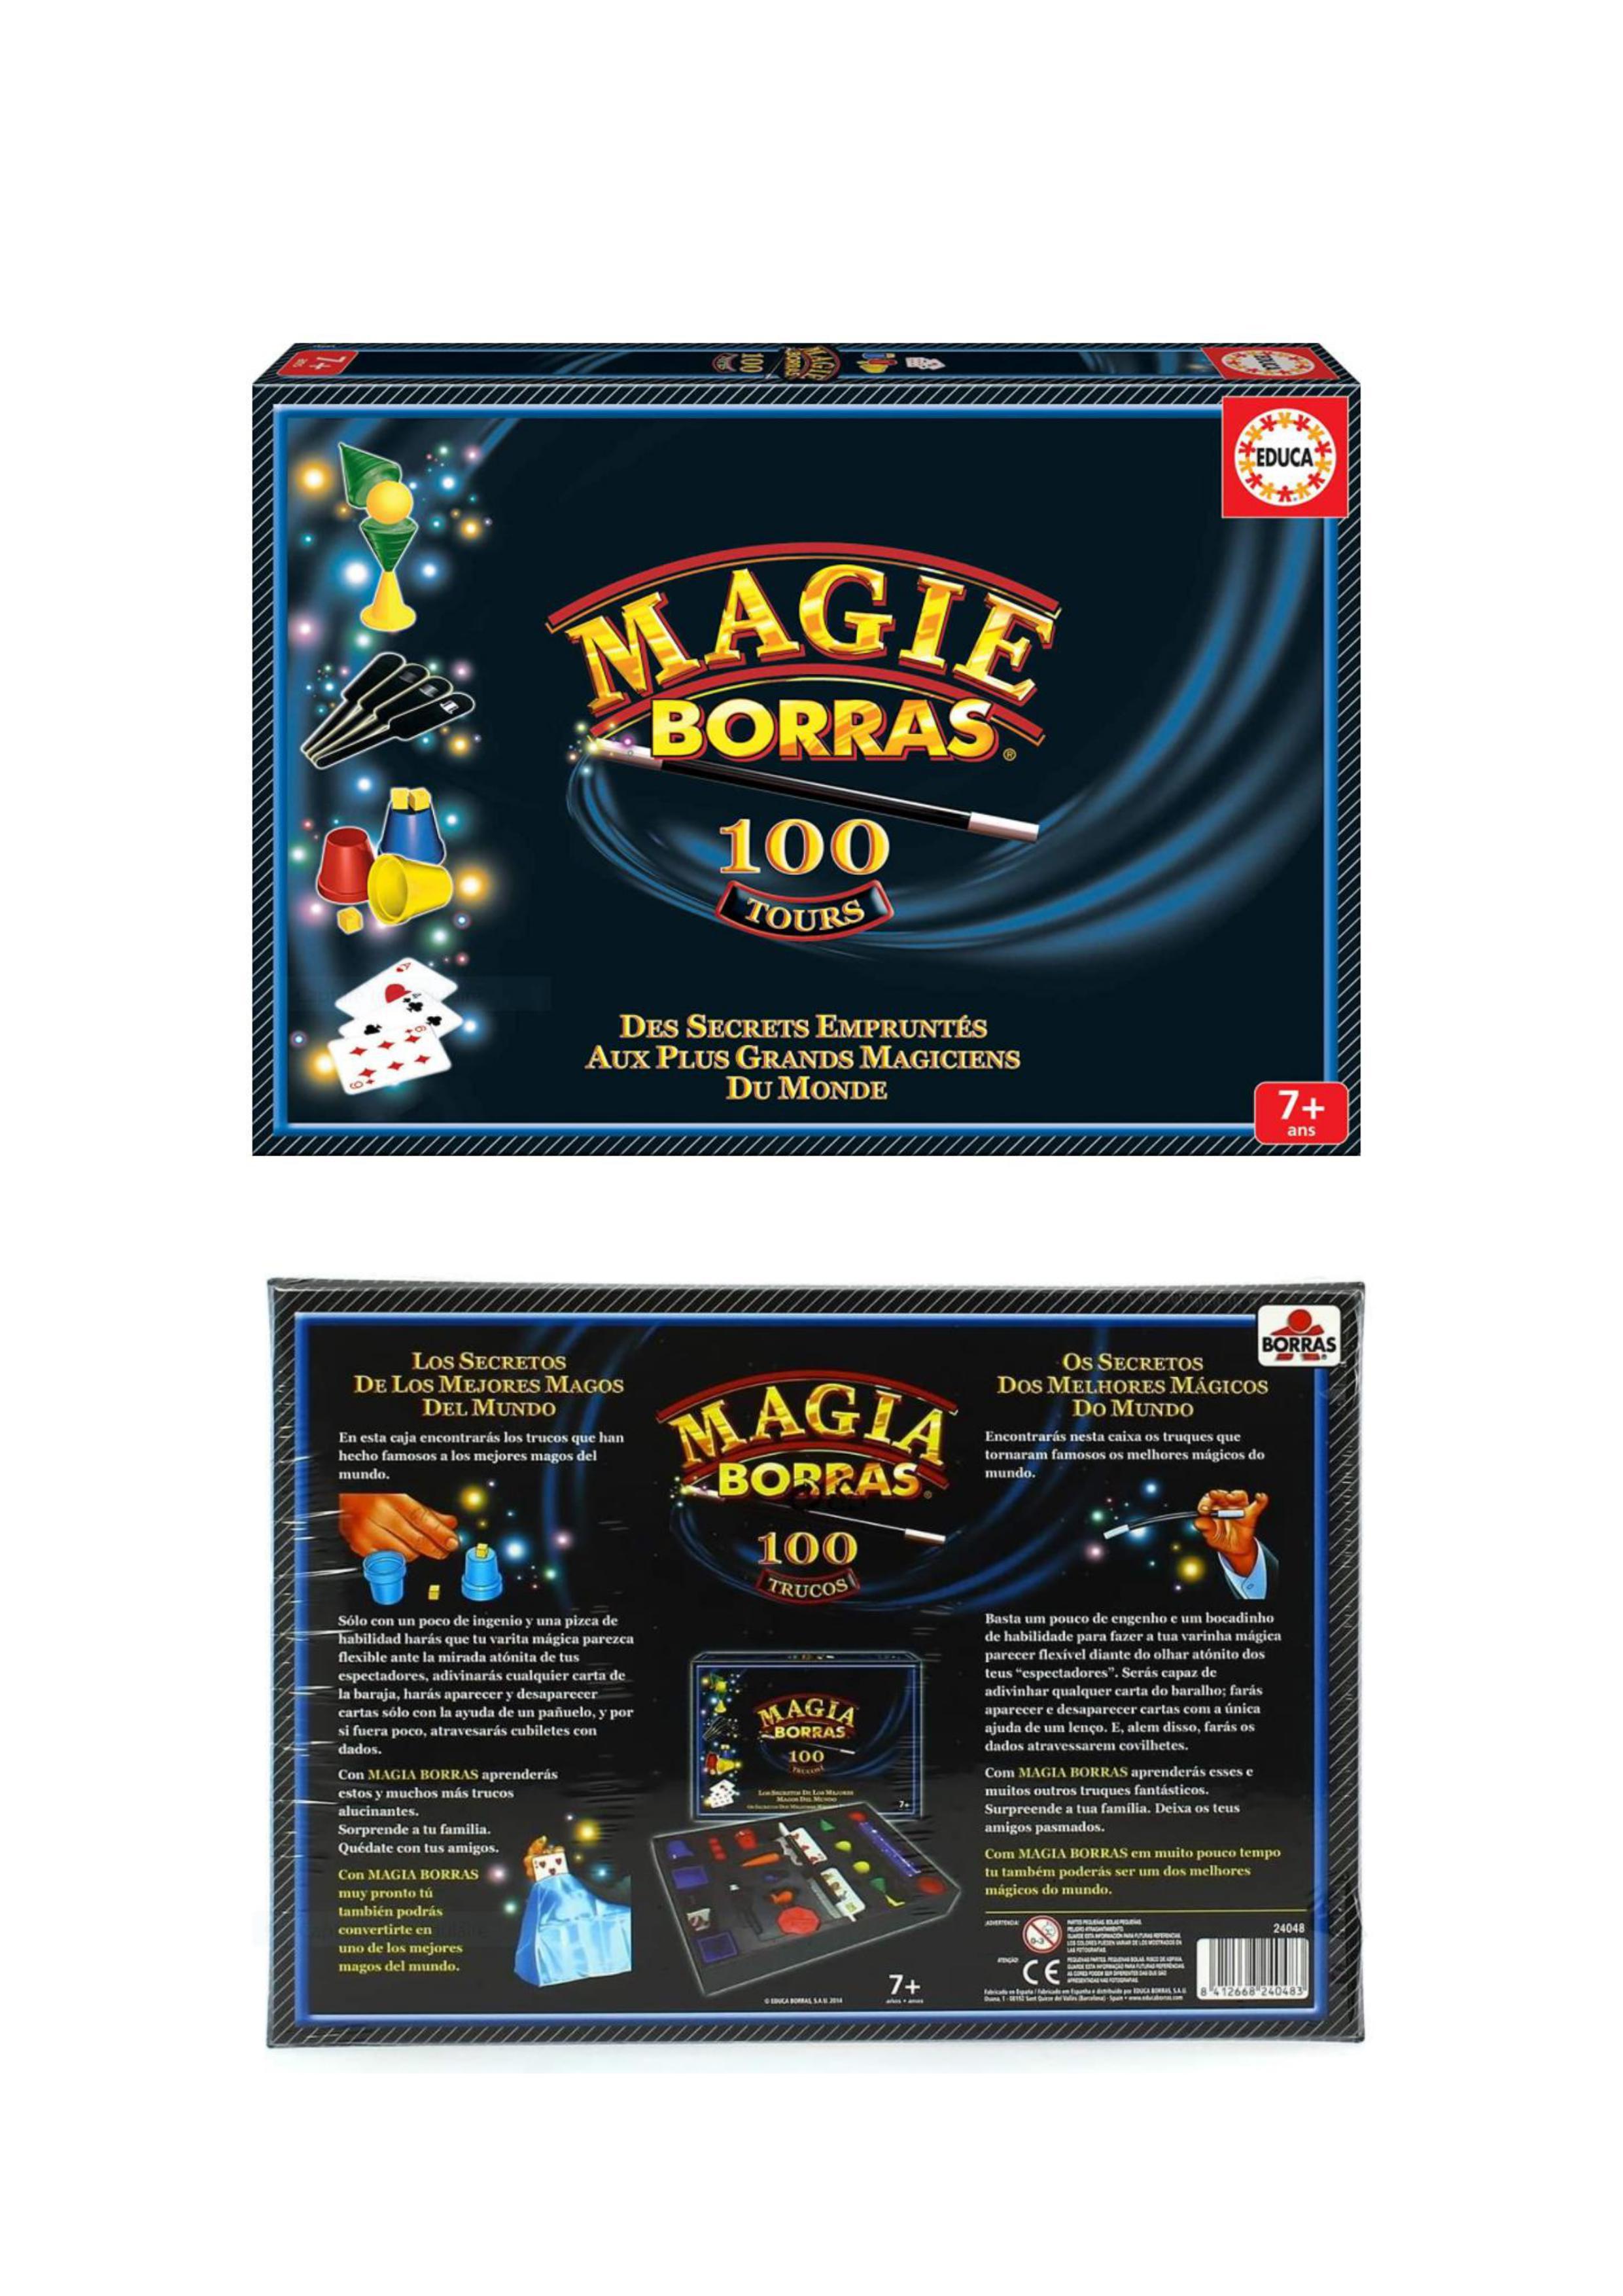 JEU DE MAGIE 100 TOURS CLASSIQUES 14 Villejuif (94)